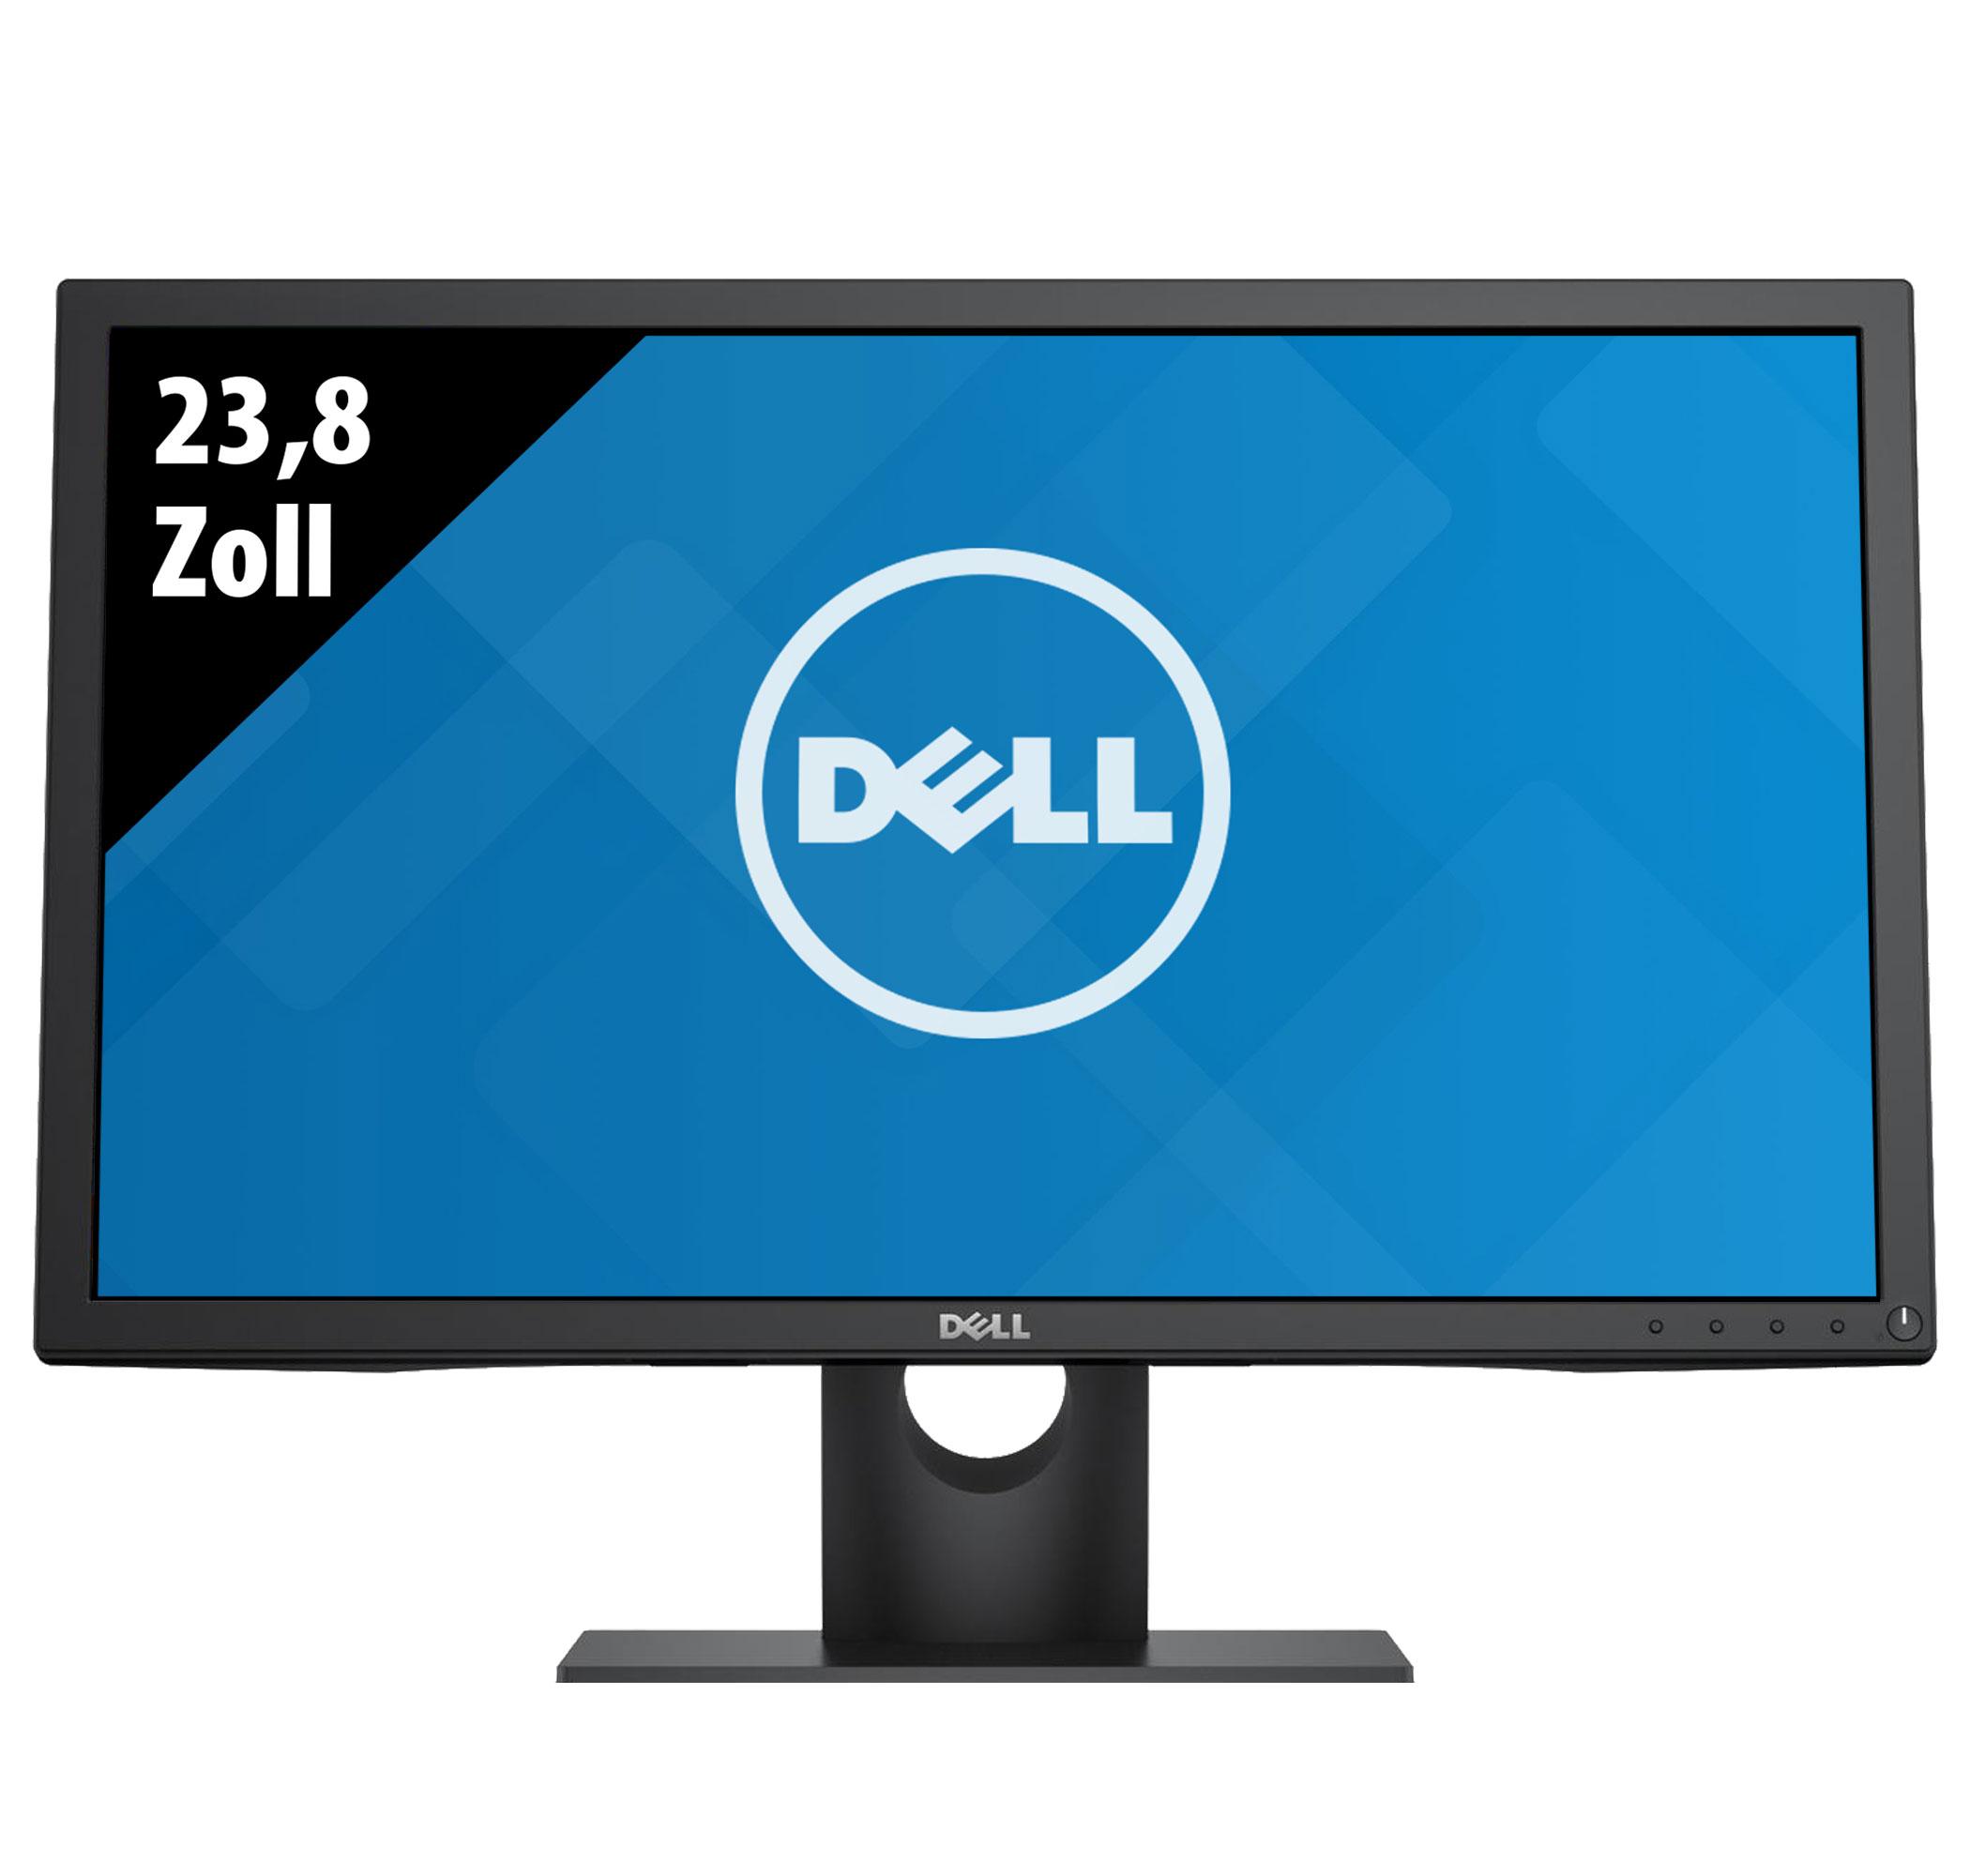 """[gebraucht] Dell P2417H Monitor (23.8"""", FHD, IPS, 250cd/m², 60Hz, 99% sRGB, HDMI, DisplayPort, VGA, 4x USB, Pivot, VESA, 1J Garantie)"""